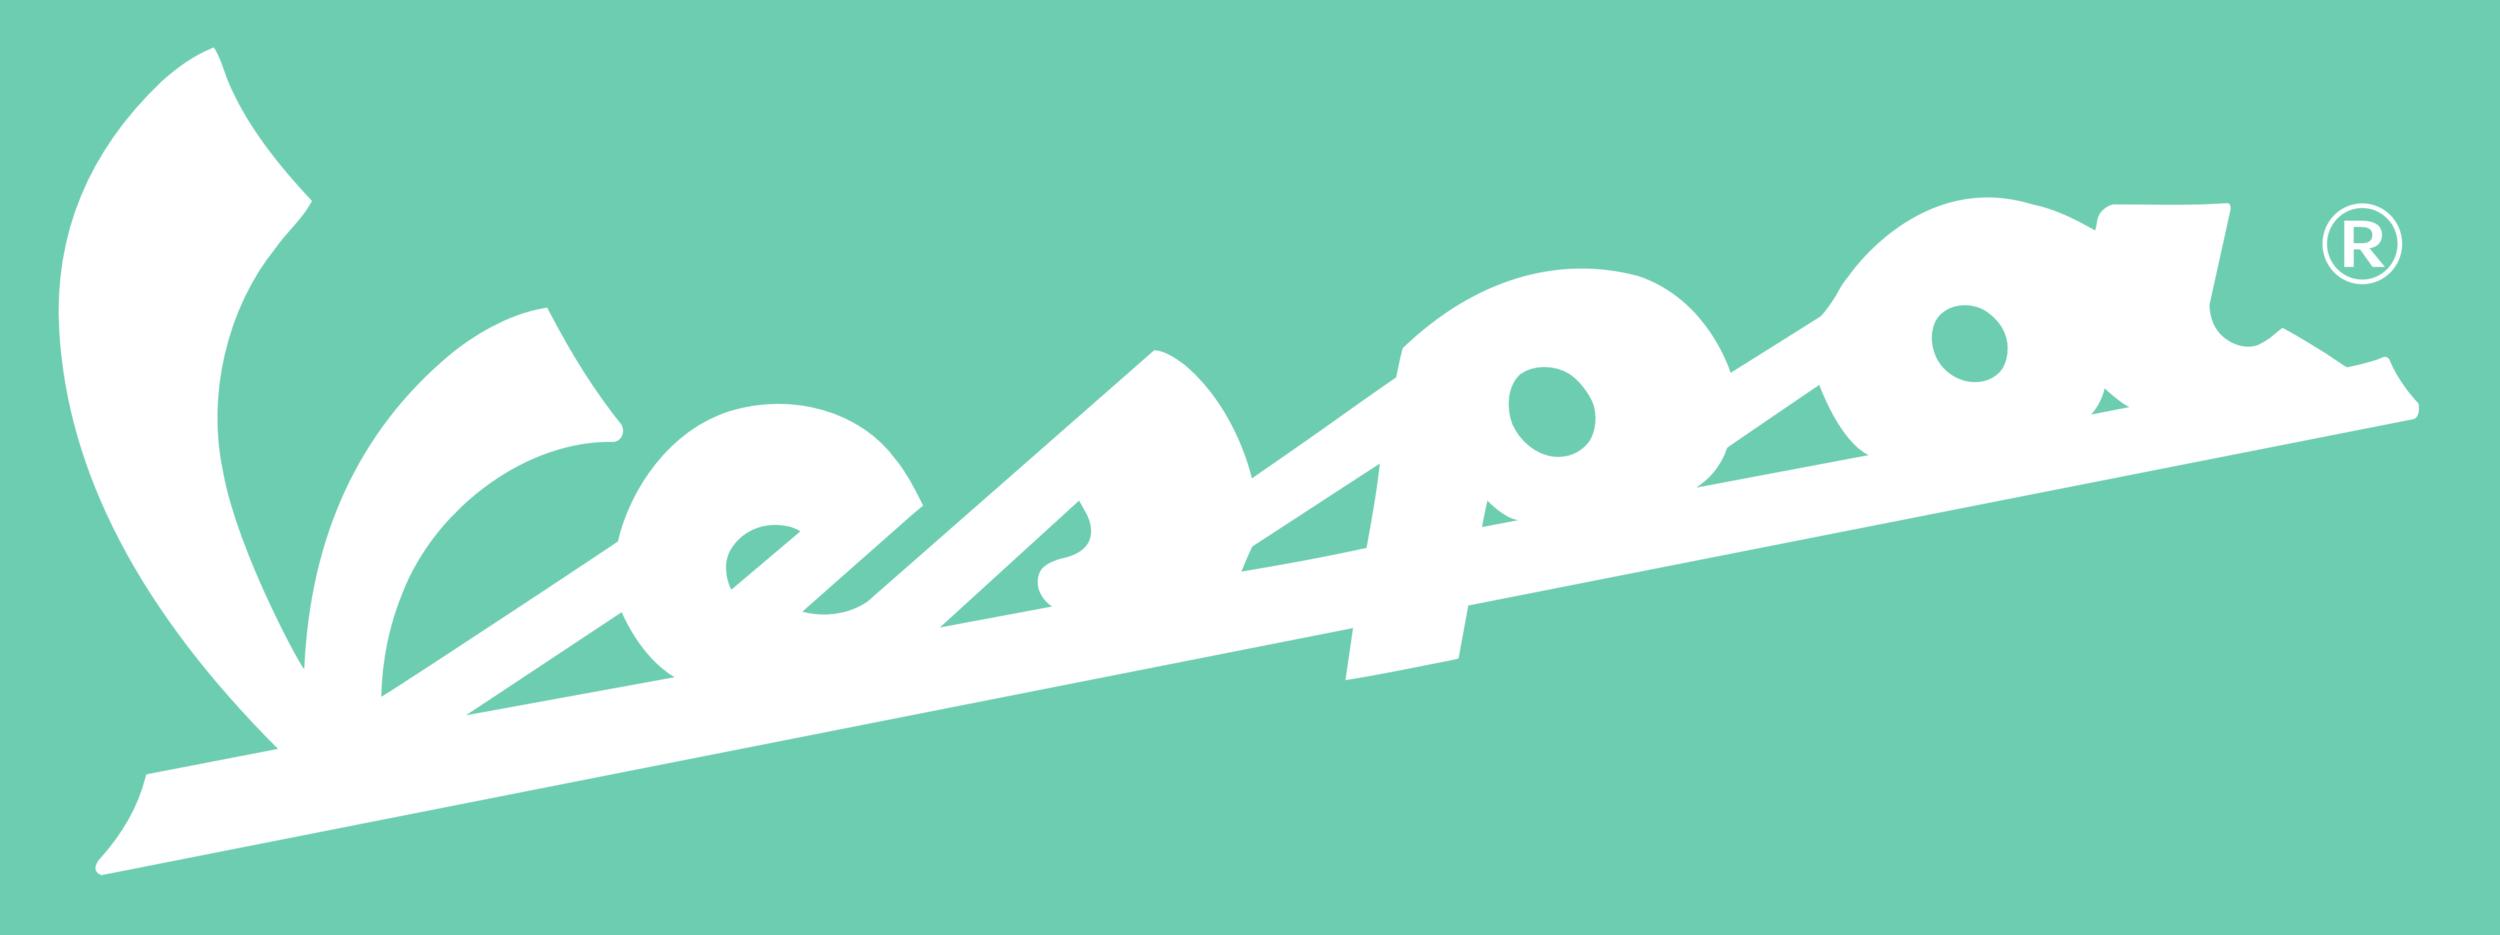 Vespa_logo_symbol.png